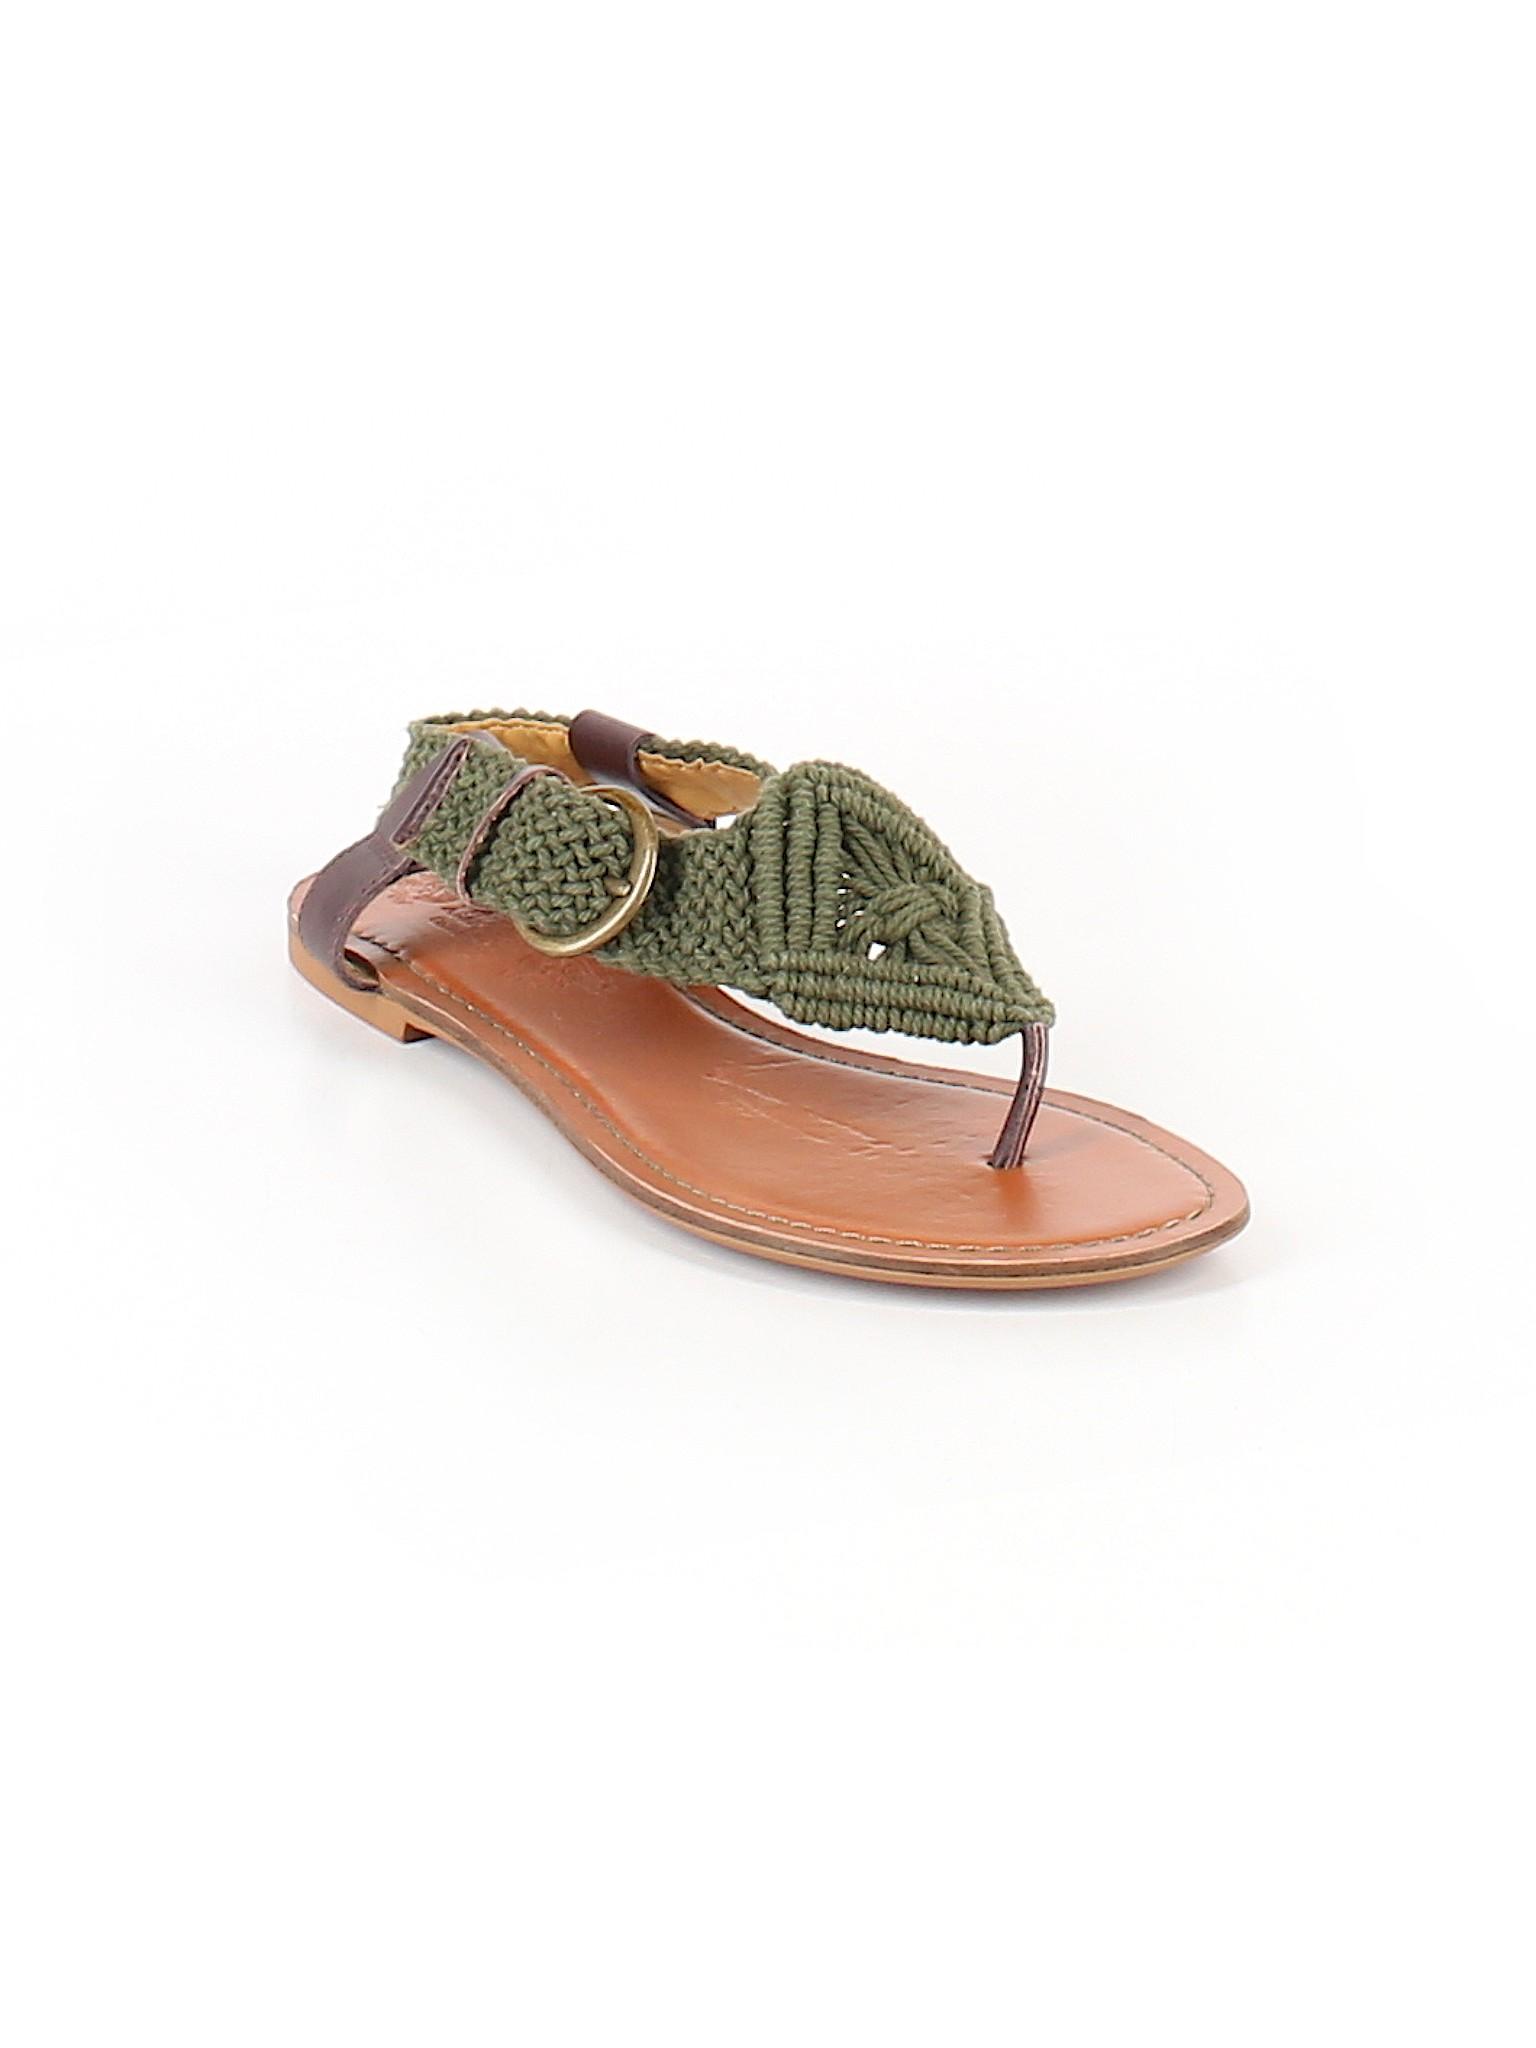 Nine Sandals Vintage America Boutique West promotion UWqxg5A